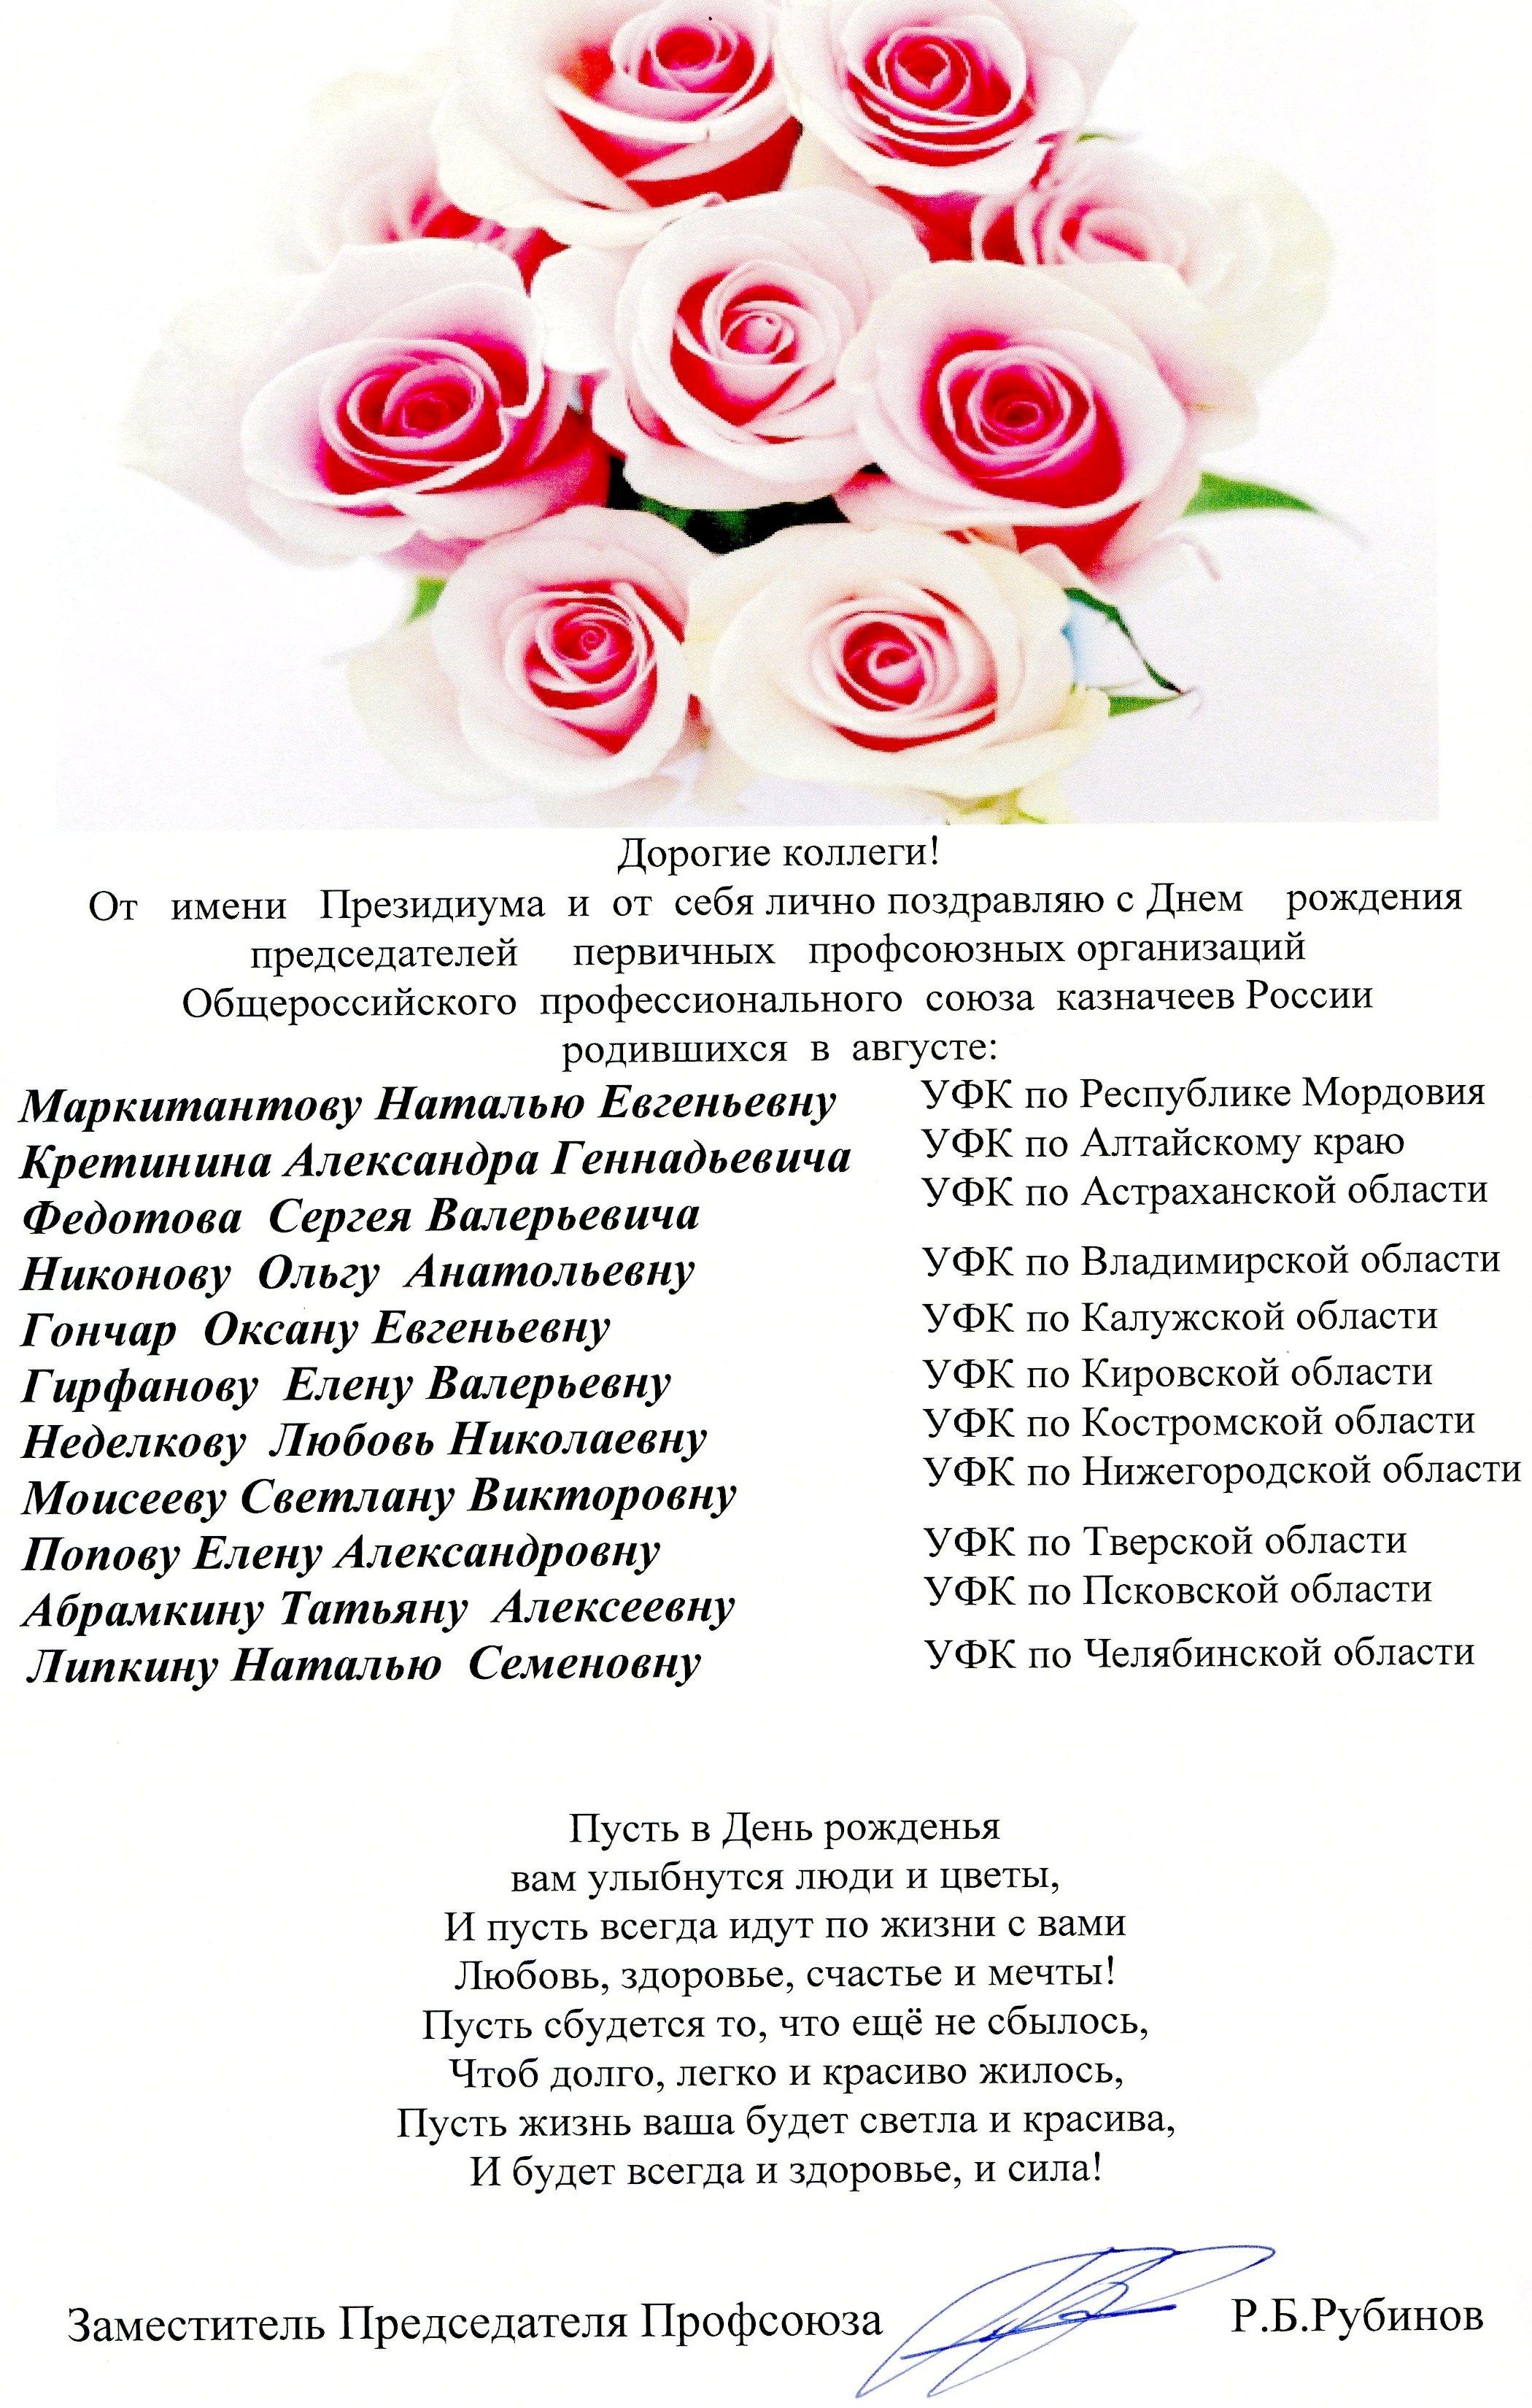 Поздравление с днём рождения женщине в сценках 4